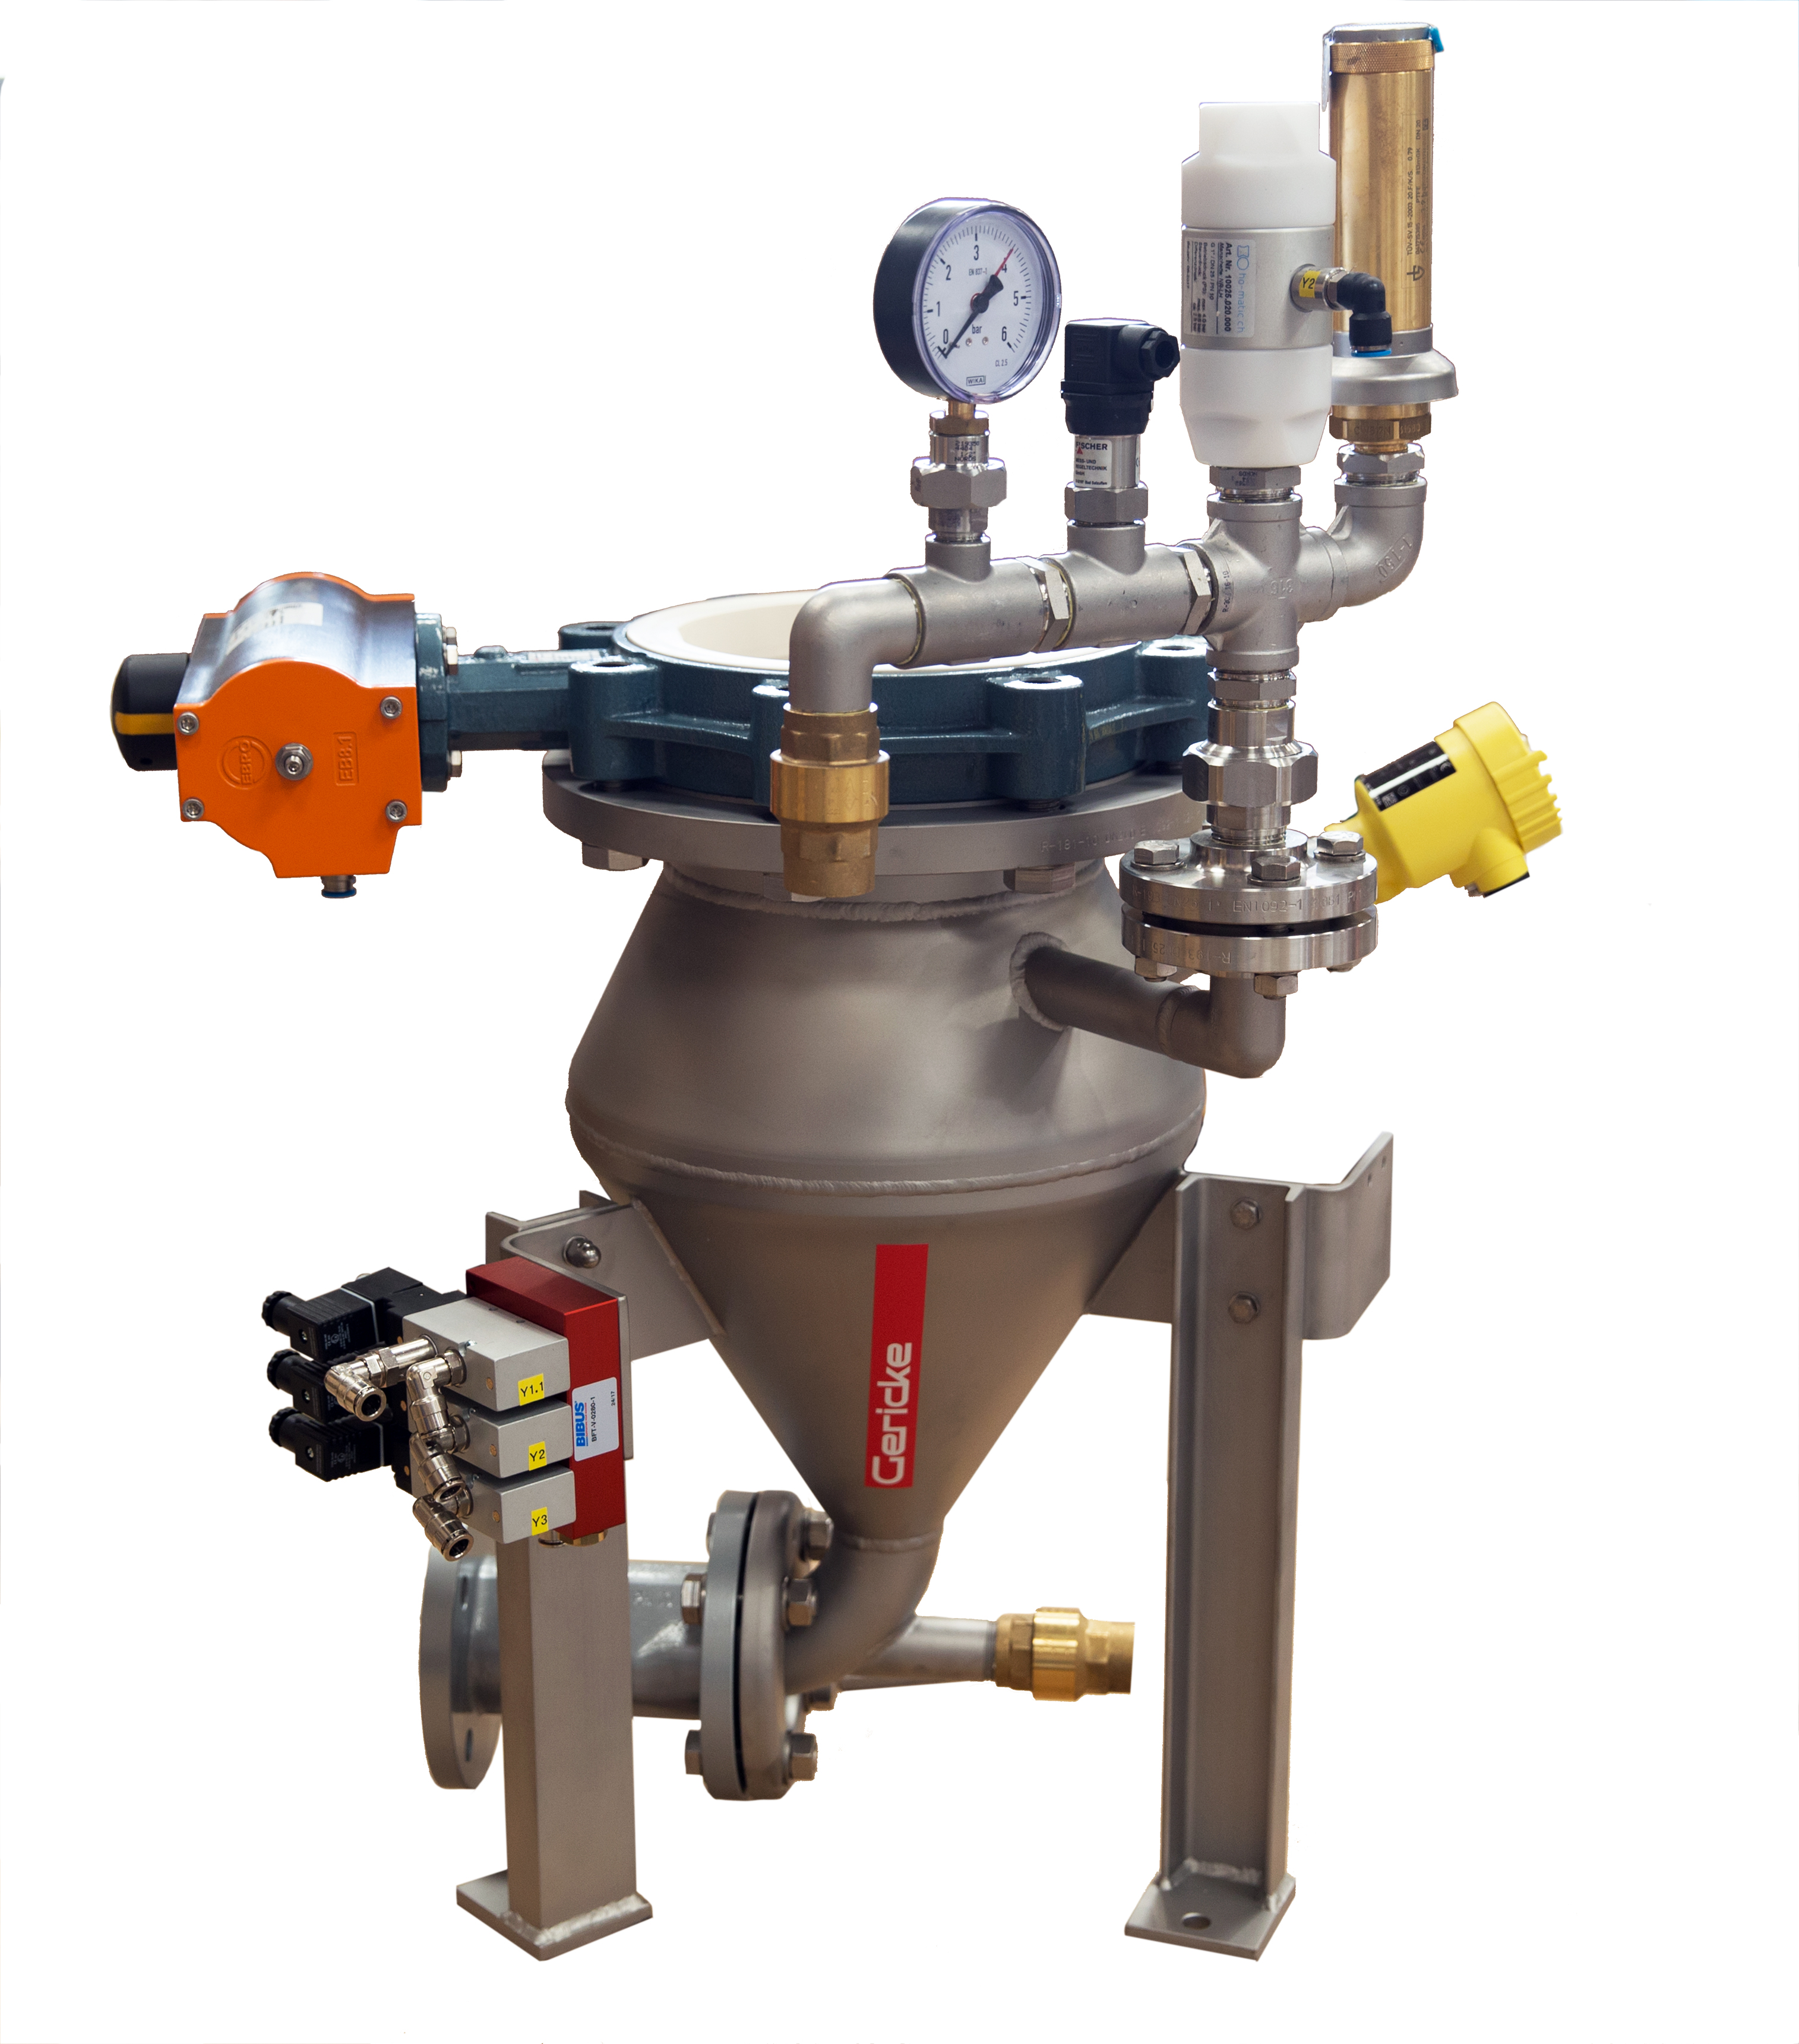 Für geringe Bauhöhen: Pneumatisches Dichtstrom Fördersystem PTA/PHF 20